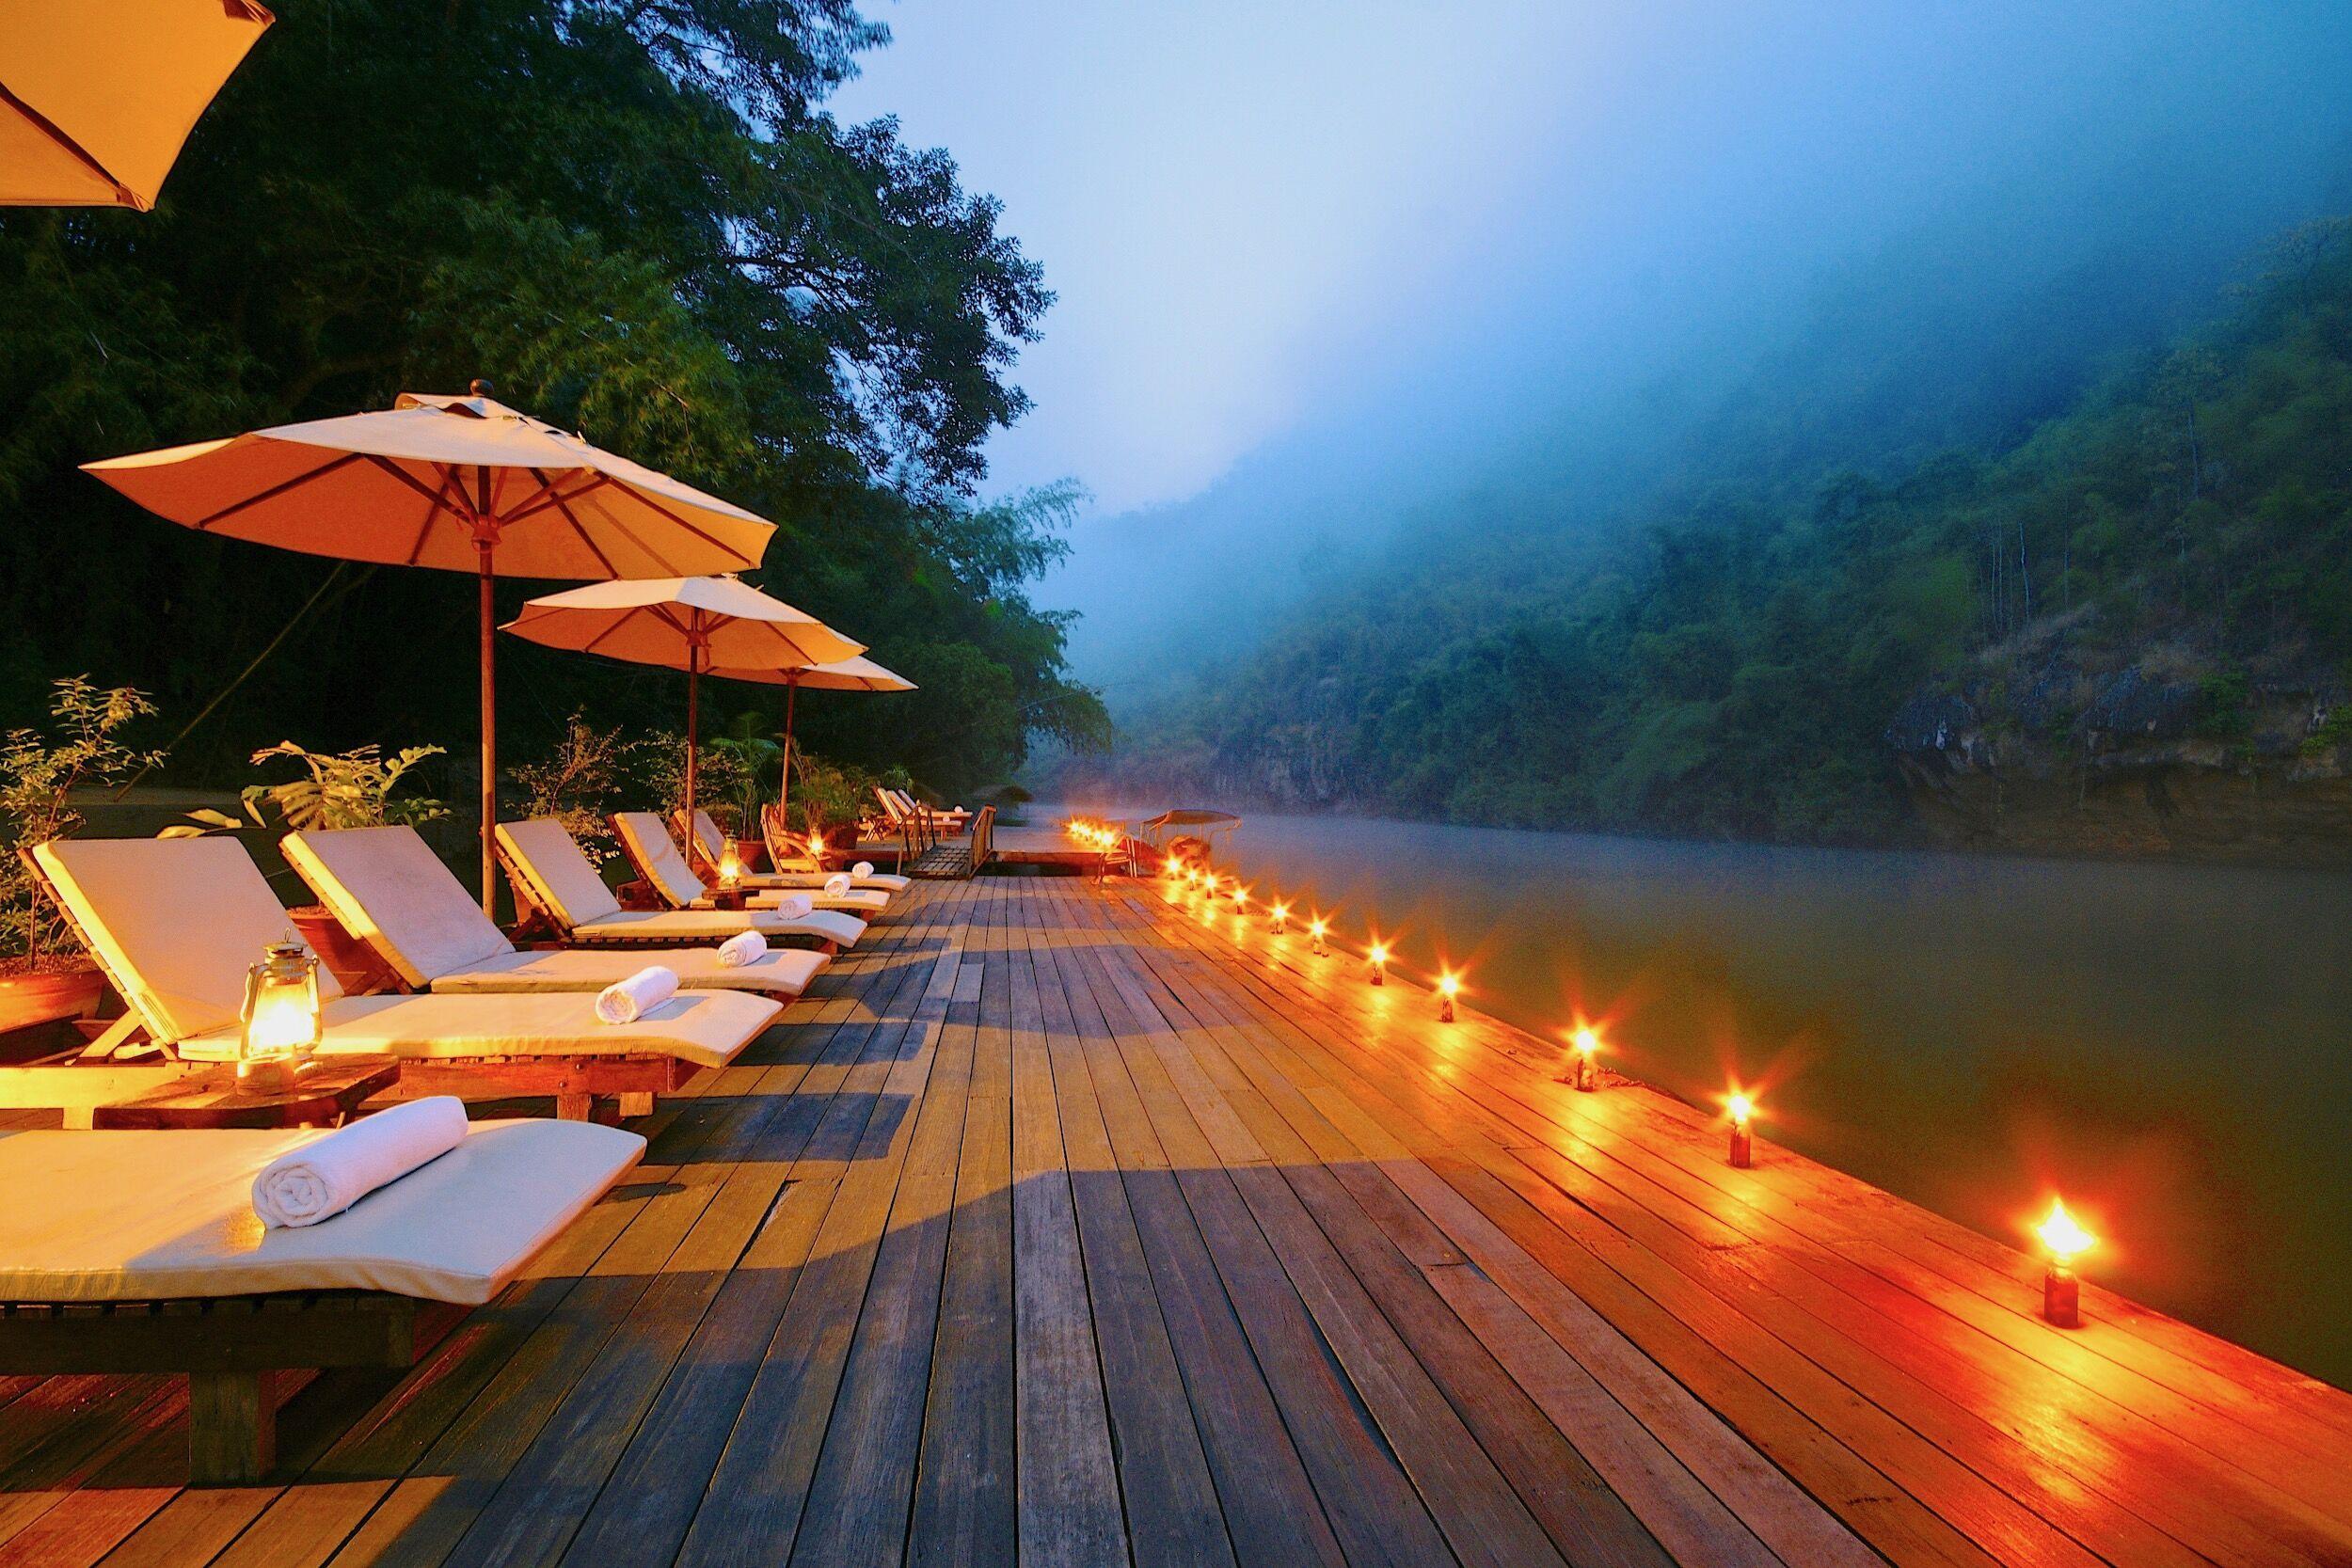 Relax with nature. Thailand Kanchanaburi Resort ในปี 2020